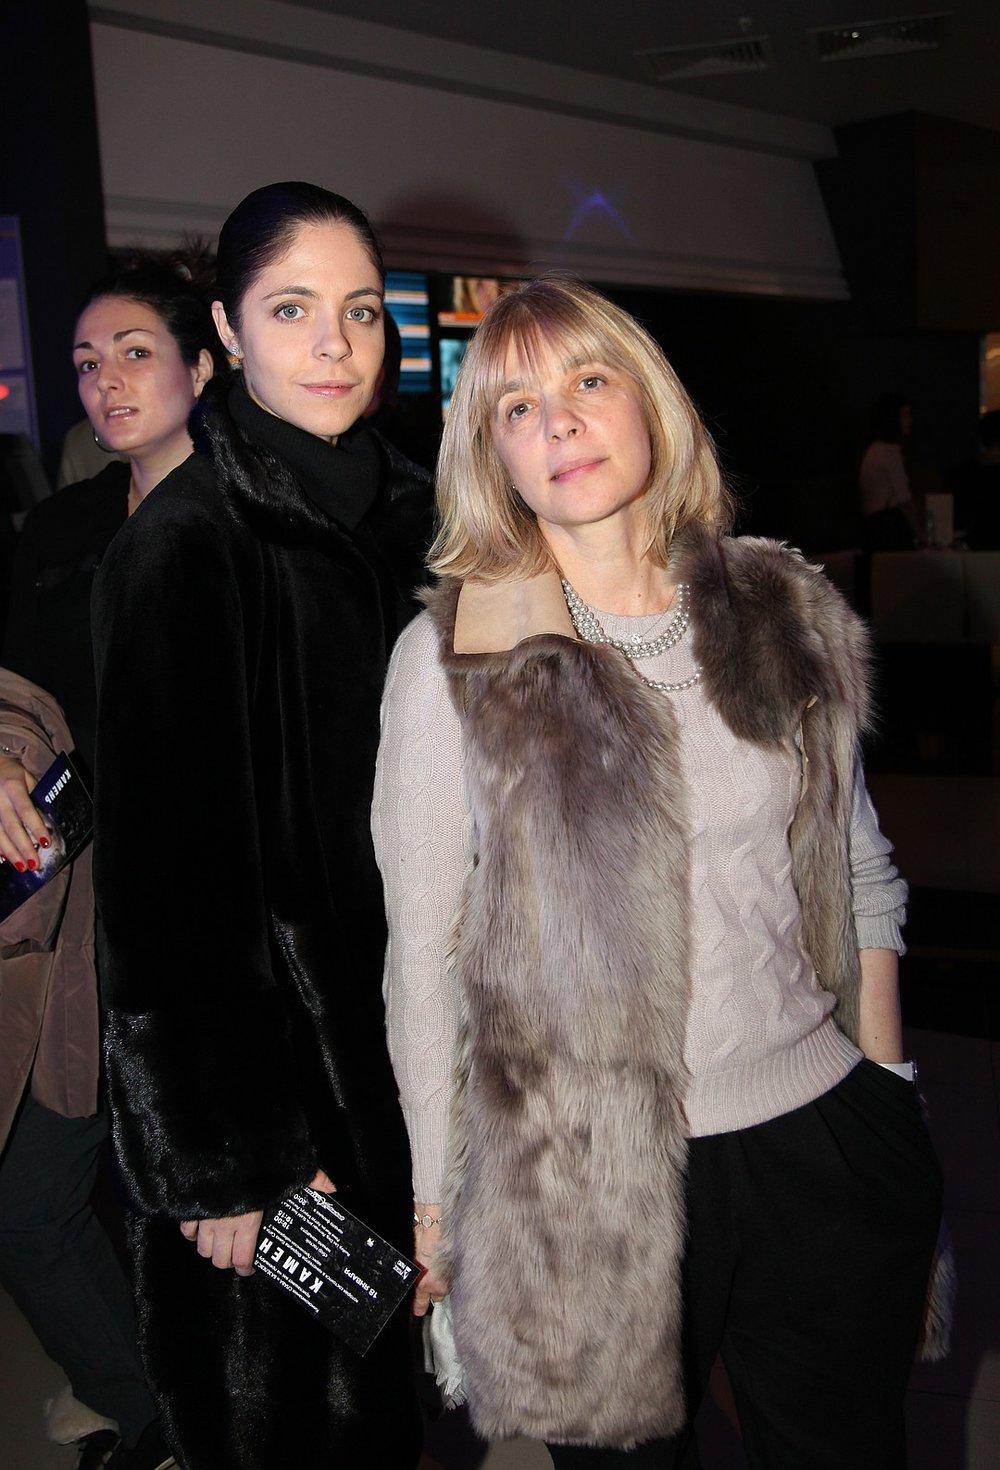 Вера Глаголева с дочкой Анной Нахапетовой. Фото КП Ларисы Кудрявцевой.jpg